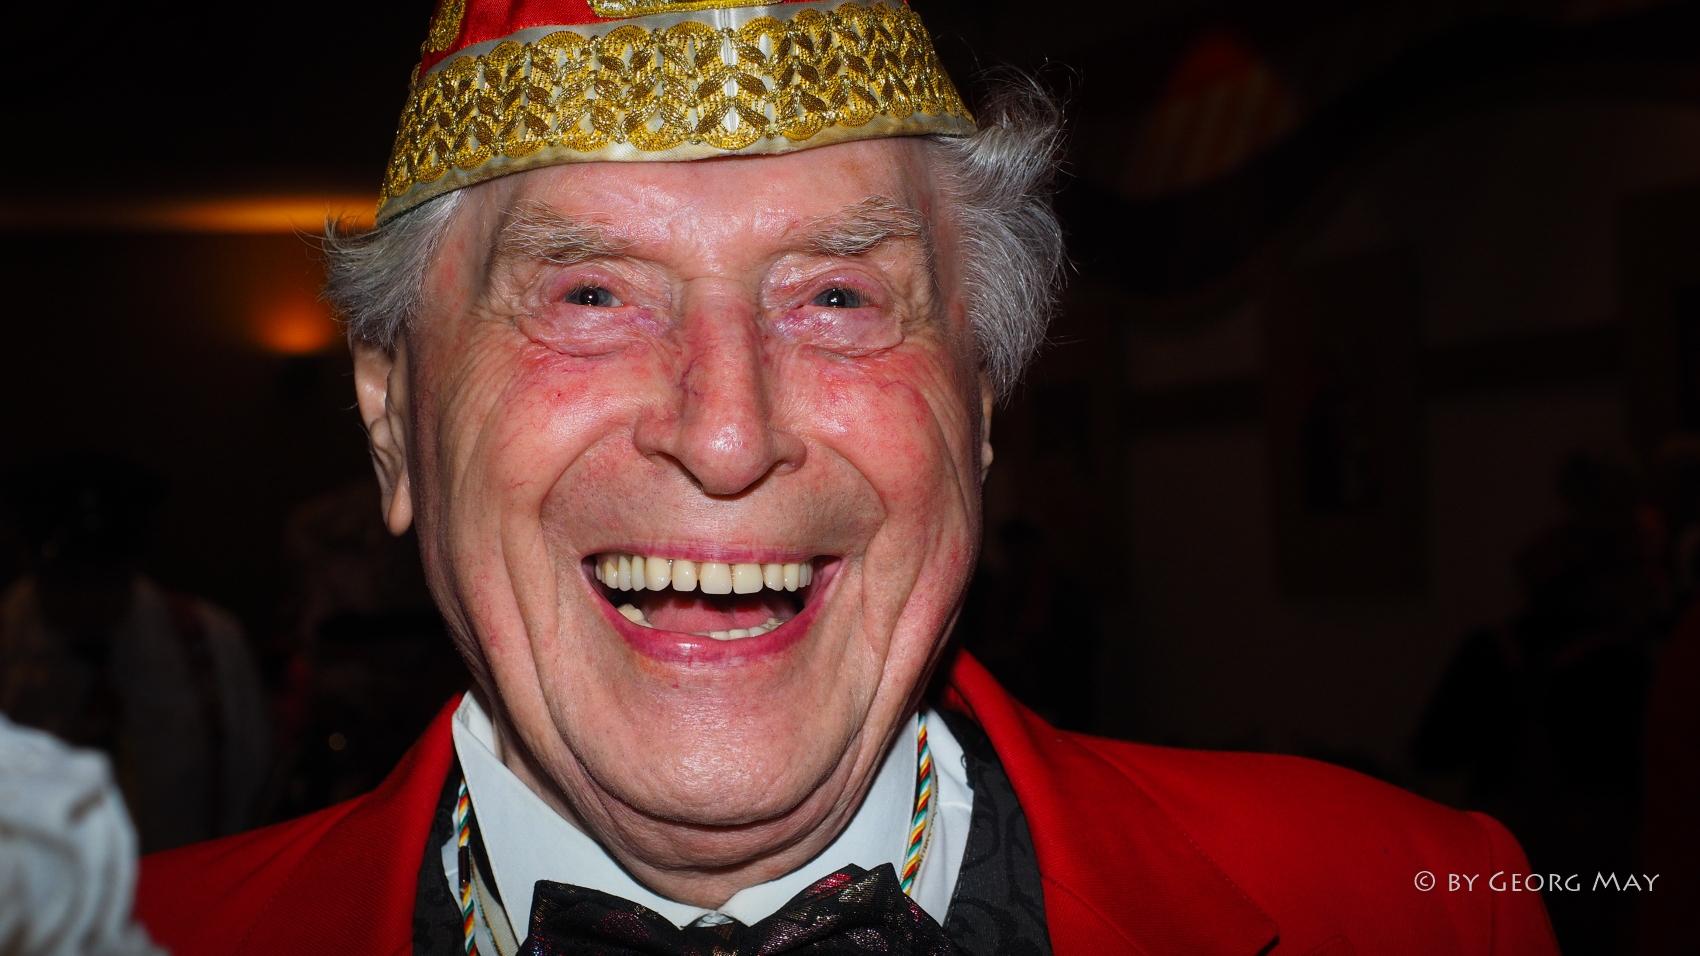 Auch mit über 90 Jahren noch aktiv dabei - Ludwig Sebus, der Grandseigneur des Kölner Karnevals